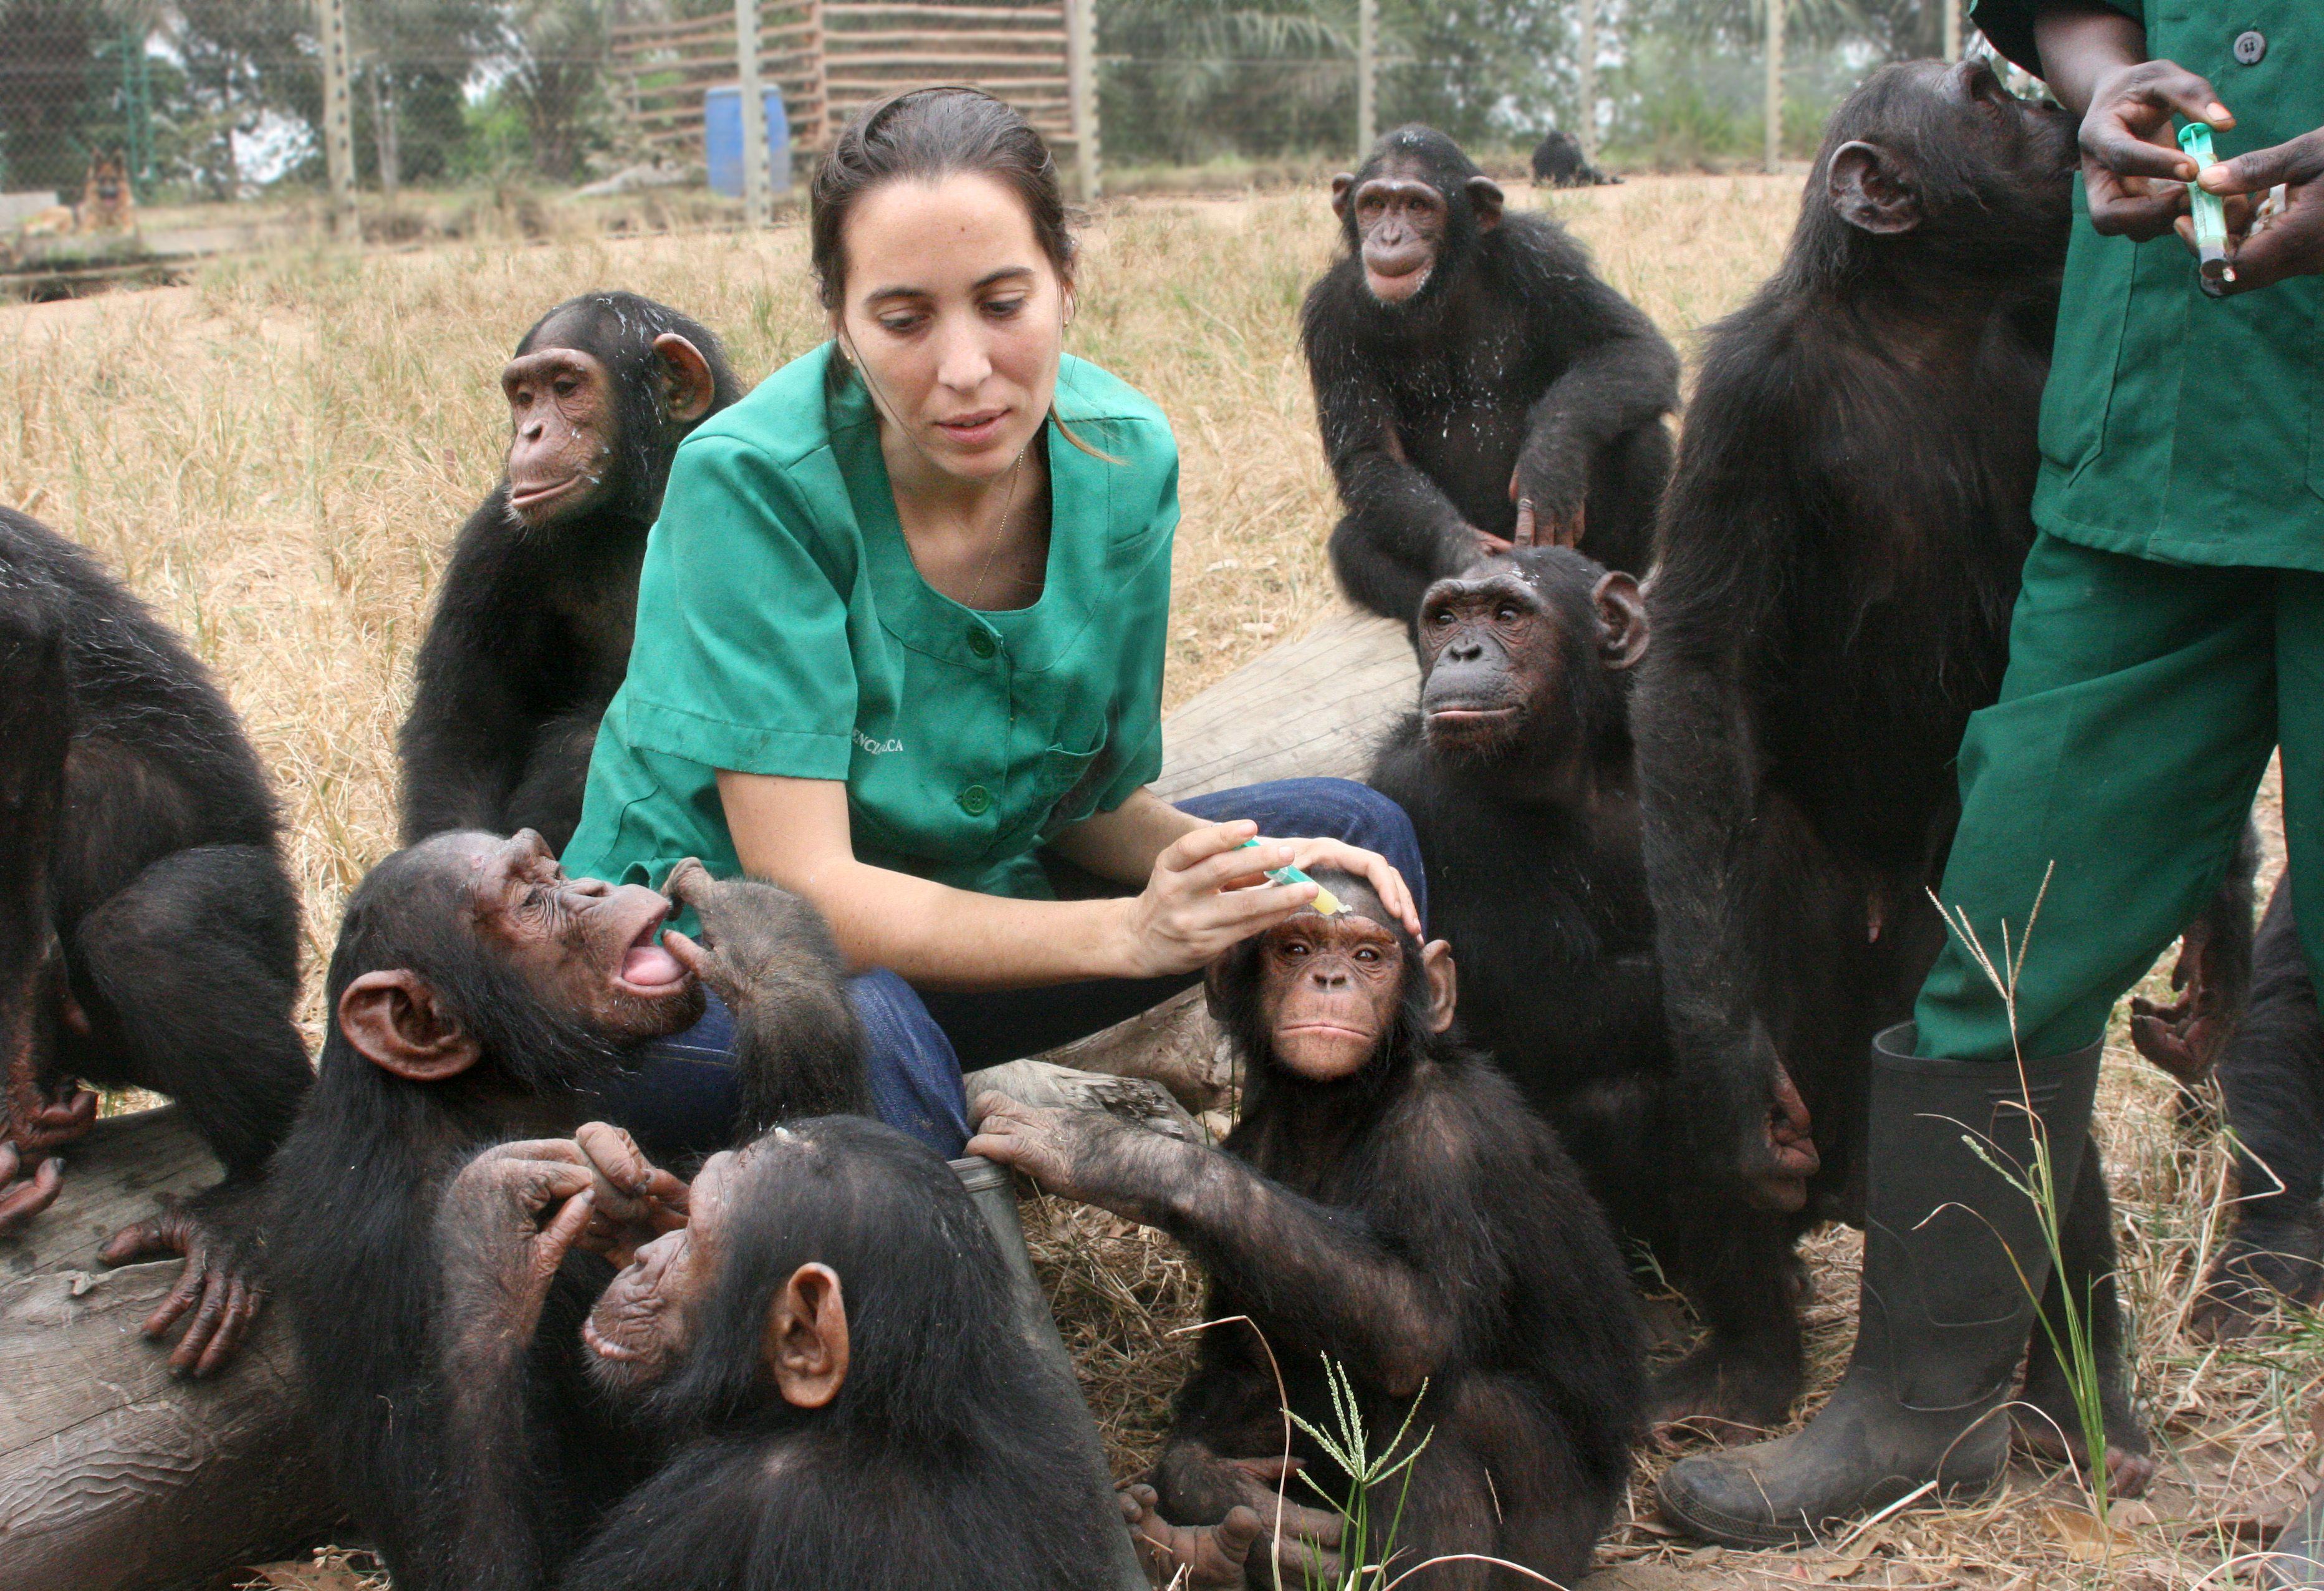 Rebeca curando heridas con crema antibiótica